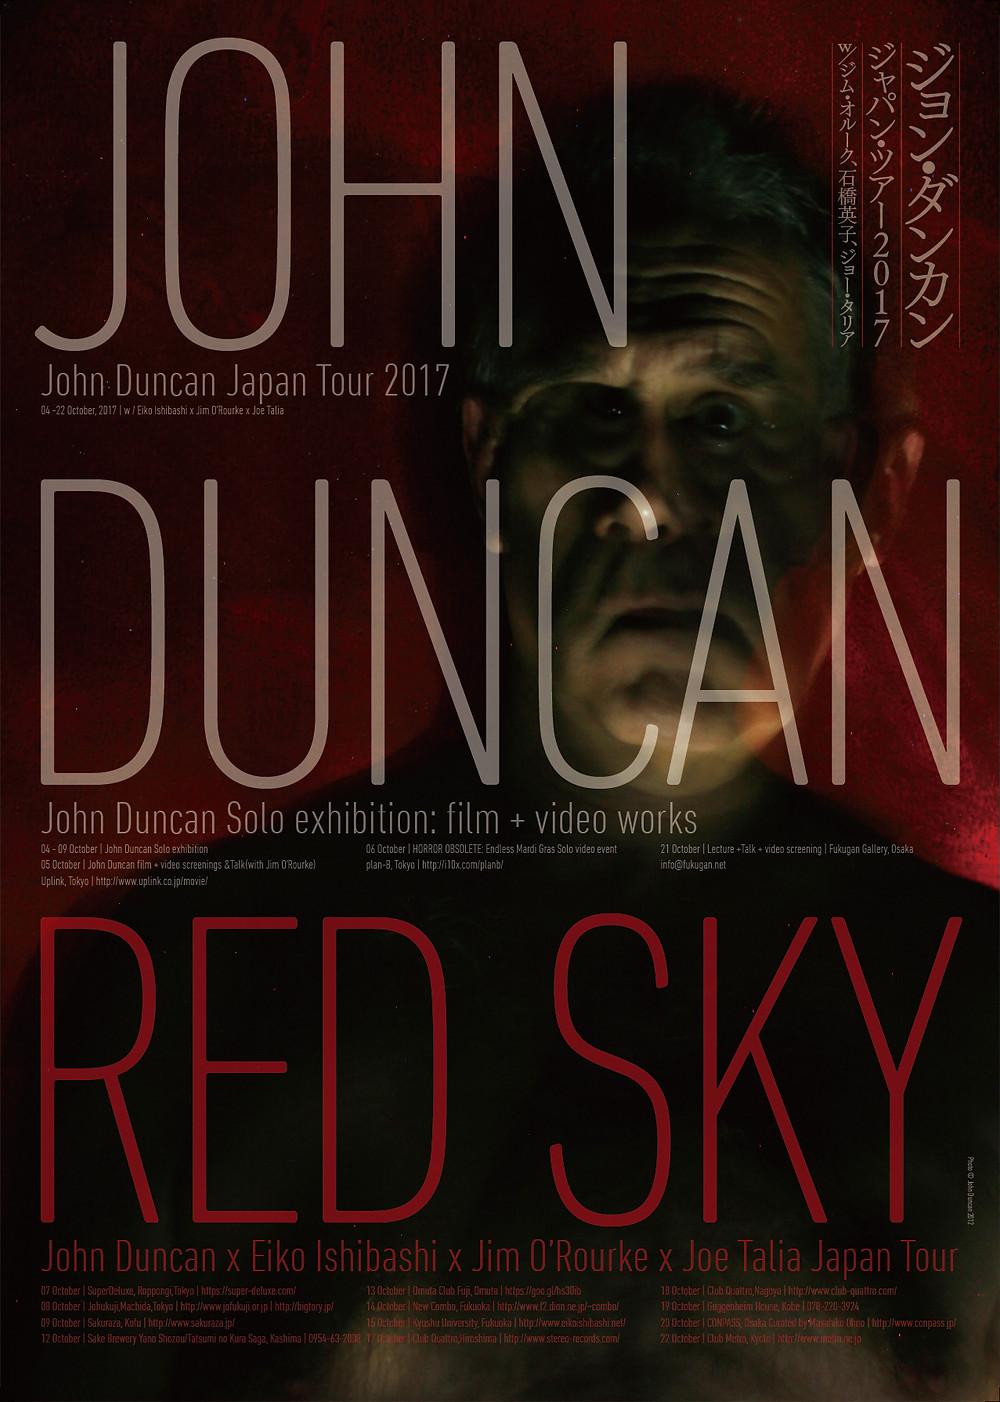 RED SKY~JohnDuncan Japan Tour